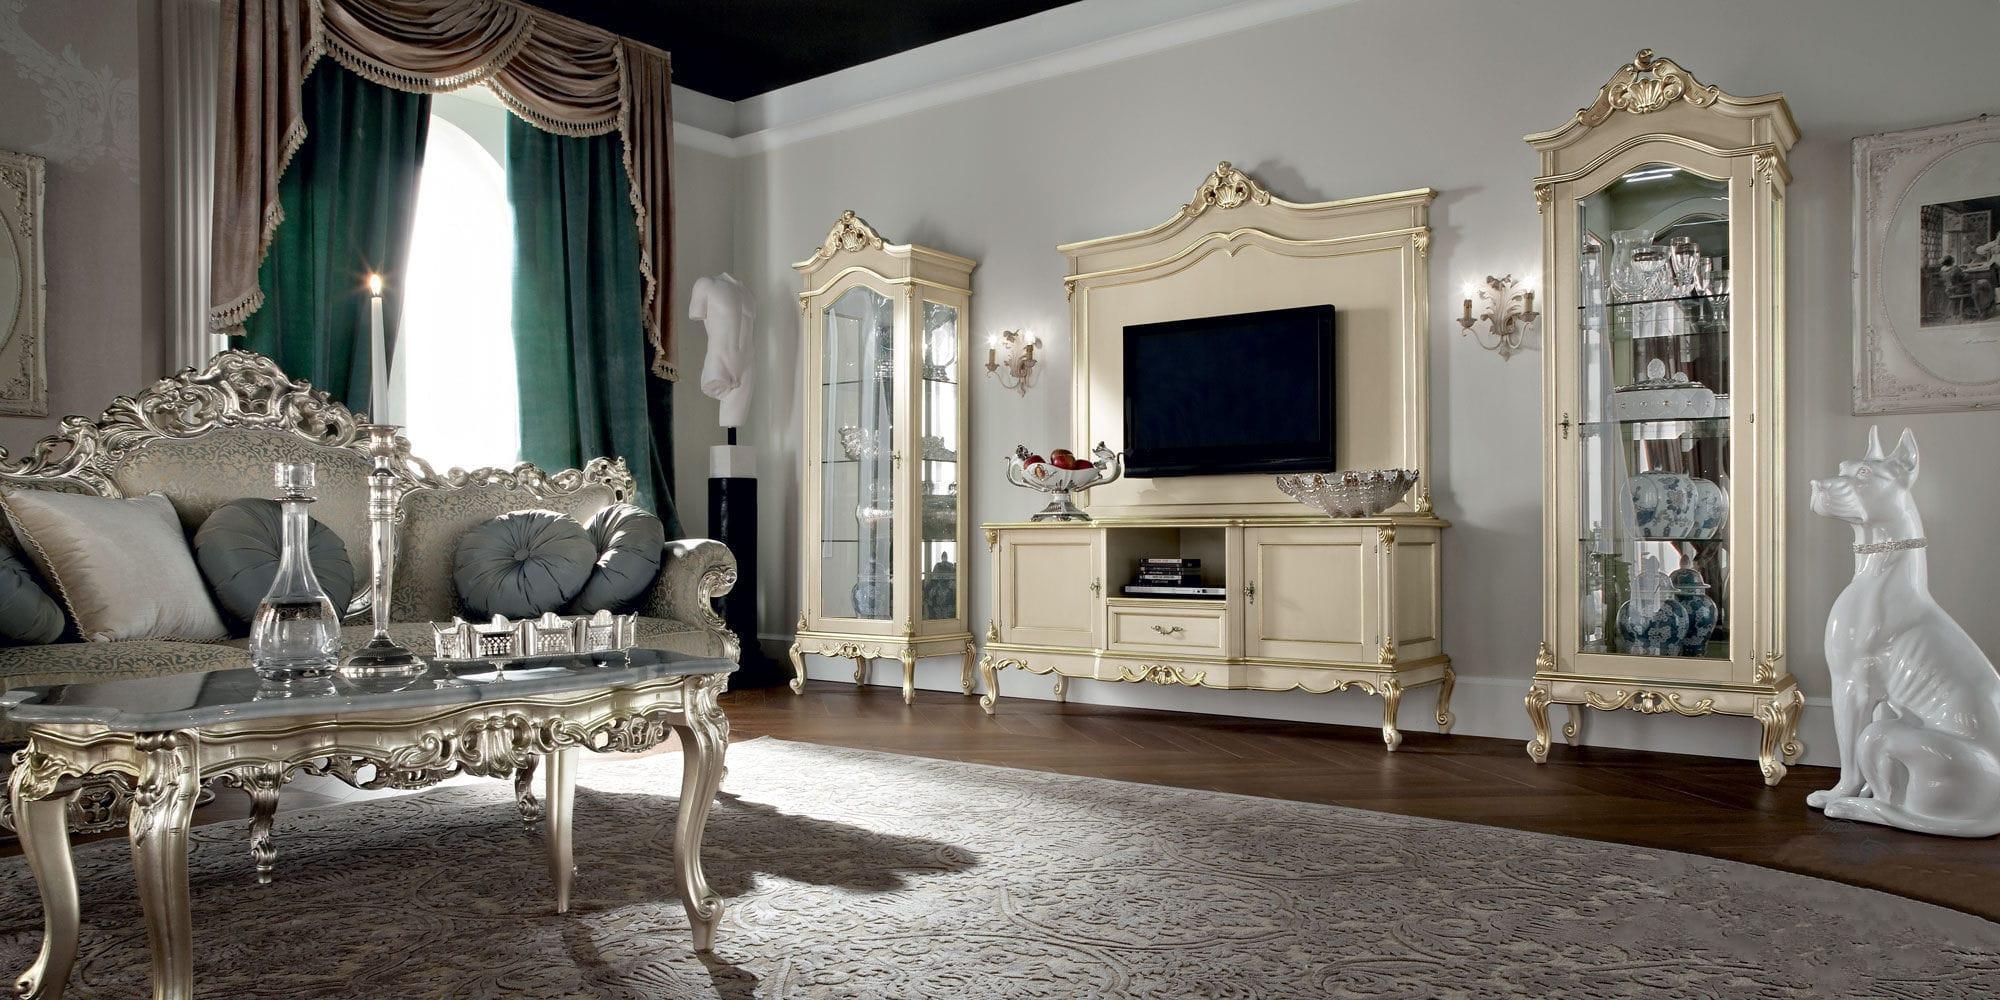 مدل میز تلویزیون سلطنتی شیک و زیبا با طرح های جدید